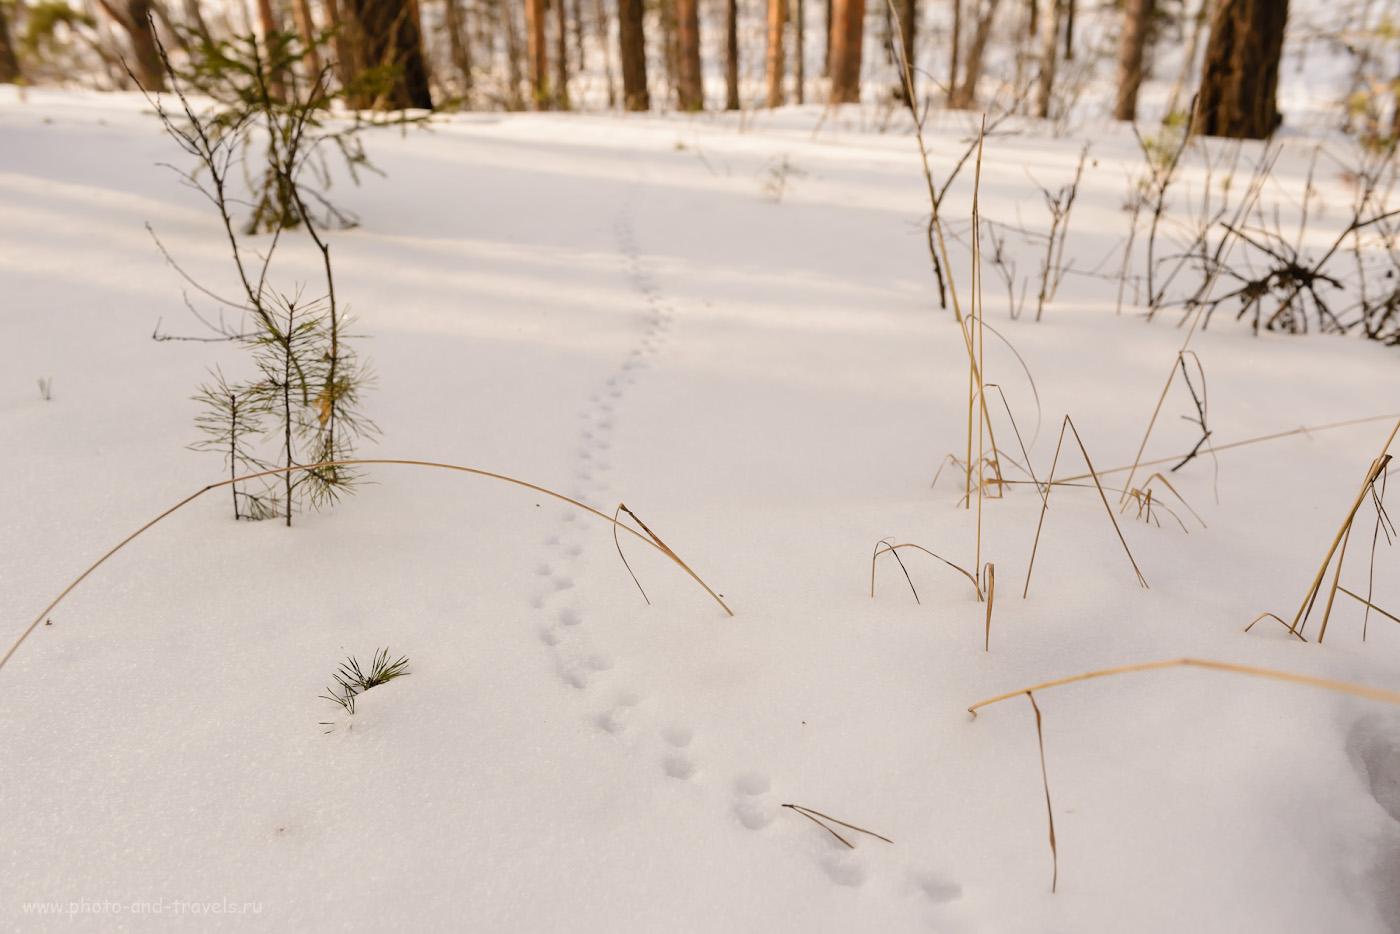 Фото 9. Изучаем фауну на горе Шайтан-камень в Режевском районе Свердловской области. 1/80, +0.67, 6.3, 220, 35.